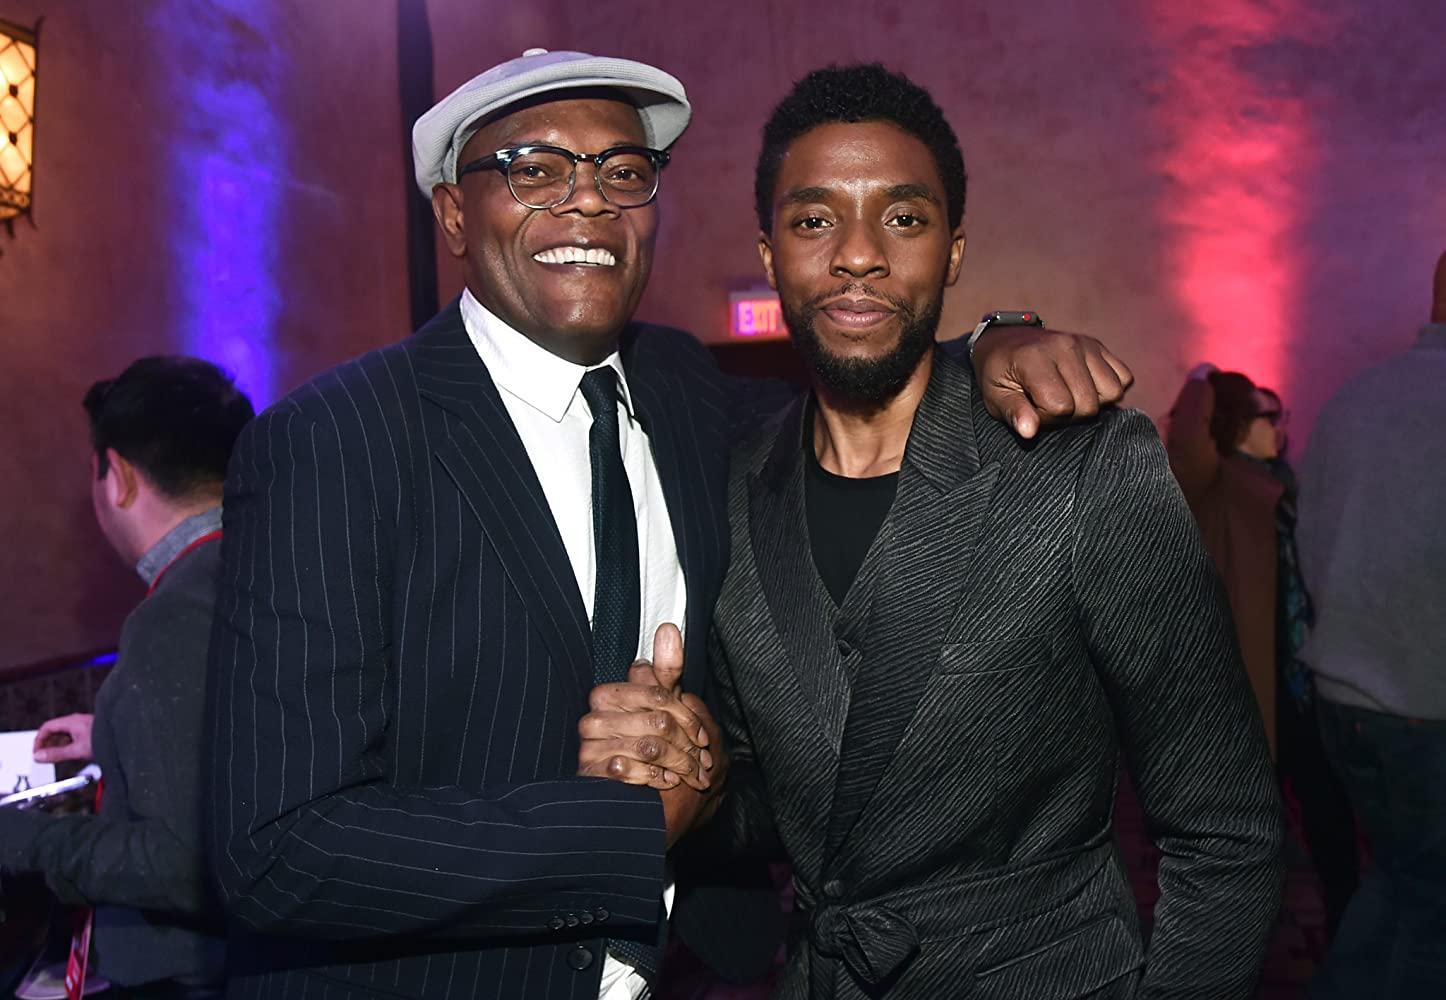 Samuel L. Jackson and Chadwick Boseman